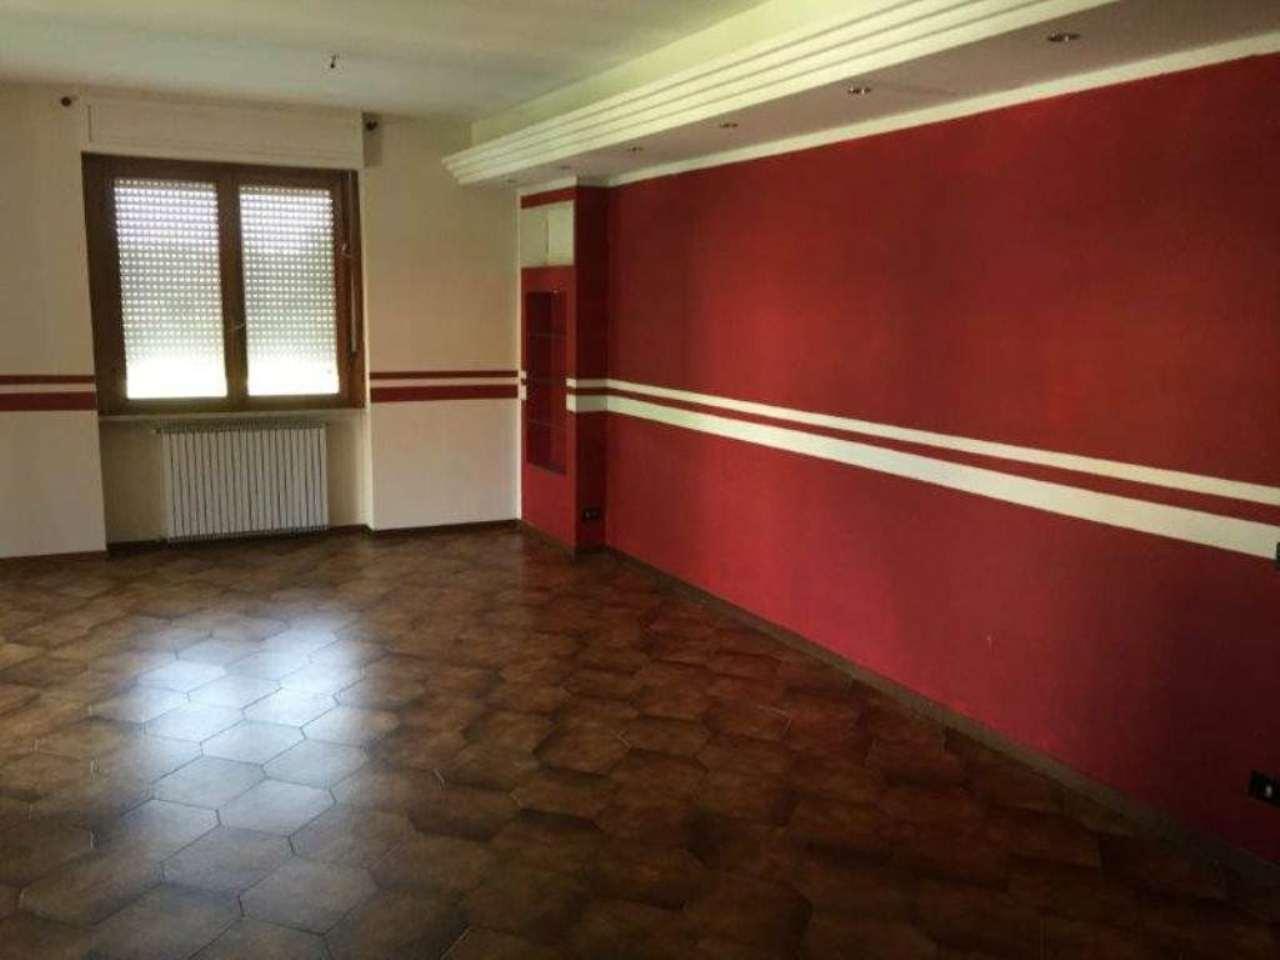 Appartamento in vendita a Credera Rubbiano, 3 locali, prezzo € 75.000 | CambioCasa.it